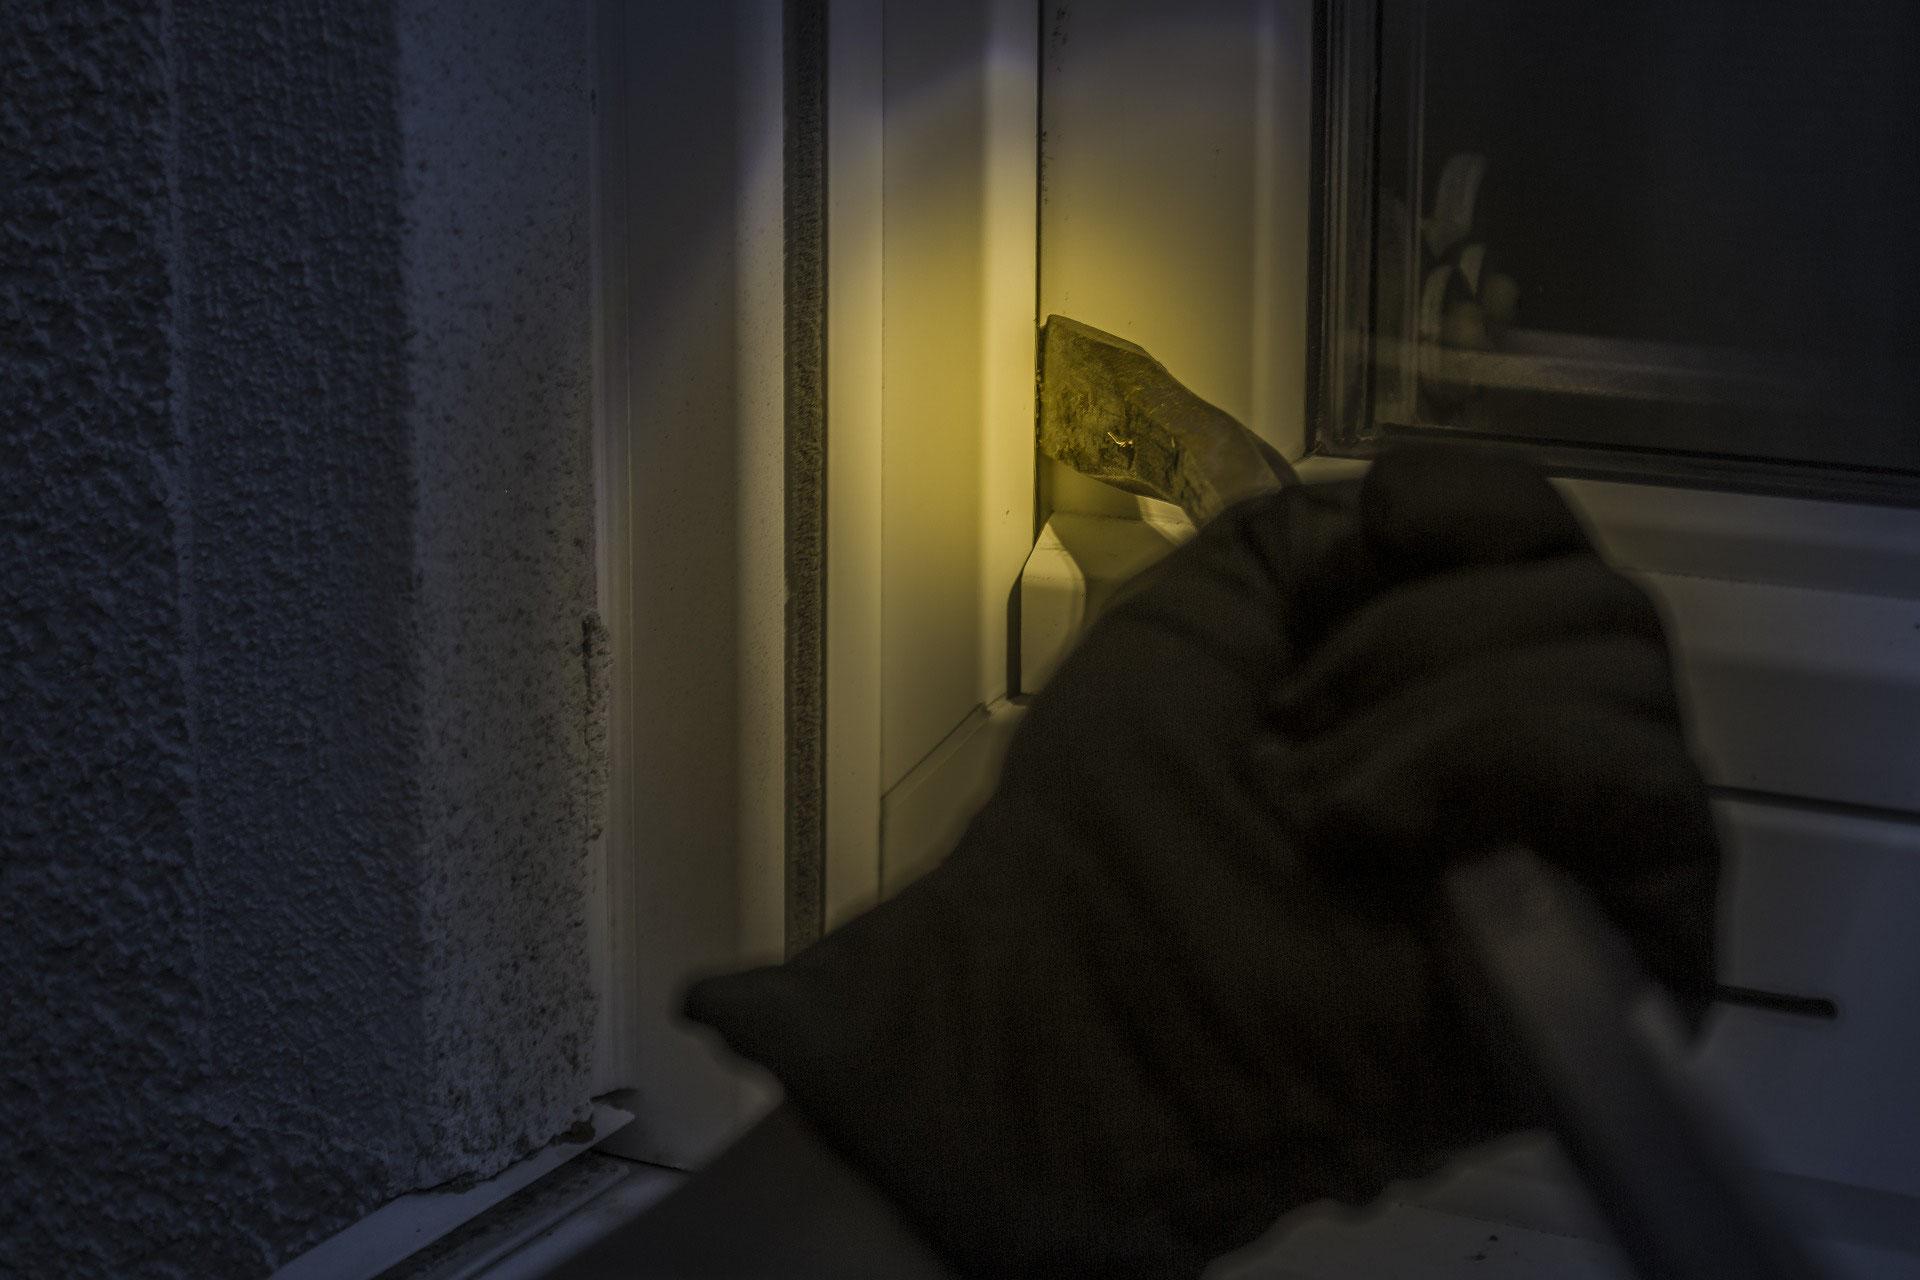 Full Size of Fenster Einbruchsicher 5 Tipps Um Eigenen Und Tren Zu Machen Rolladen Nachträglich Einbauen Zwangsbelüftung Nachrüsten Meeth Weihnachtsbeleuchtung Schüco Fenster Fenster Einbruchsicher